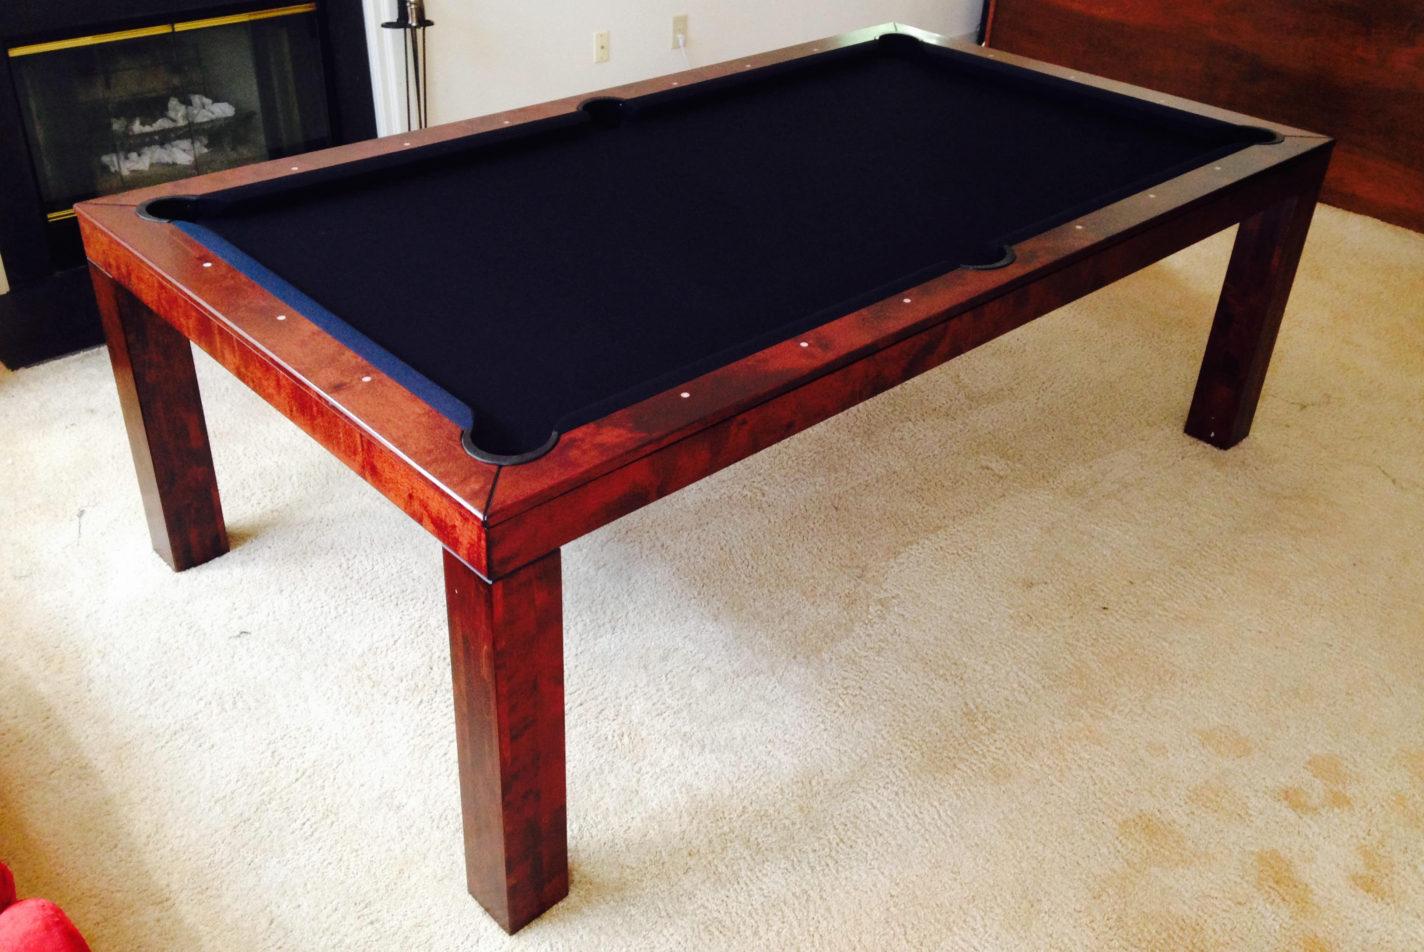 Vision Convertible Pool Table, North Carolina